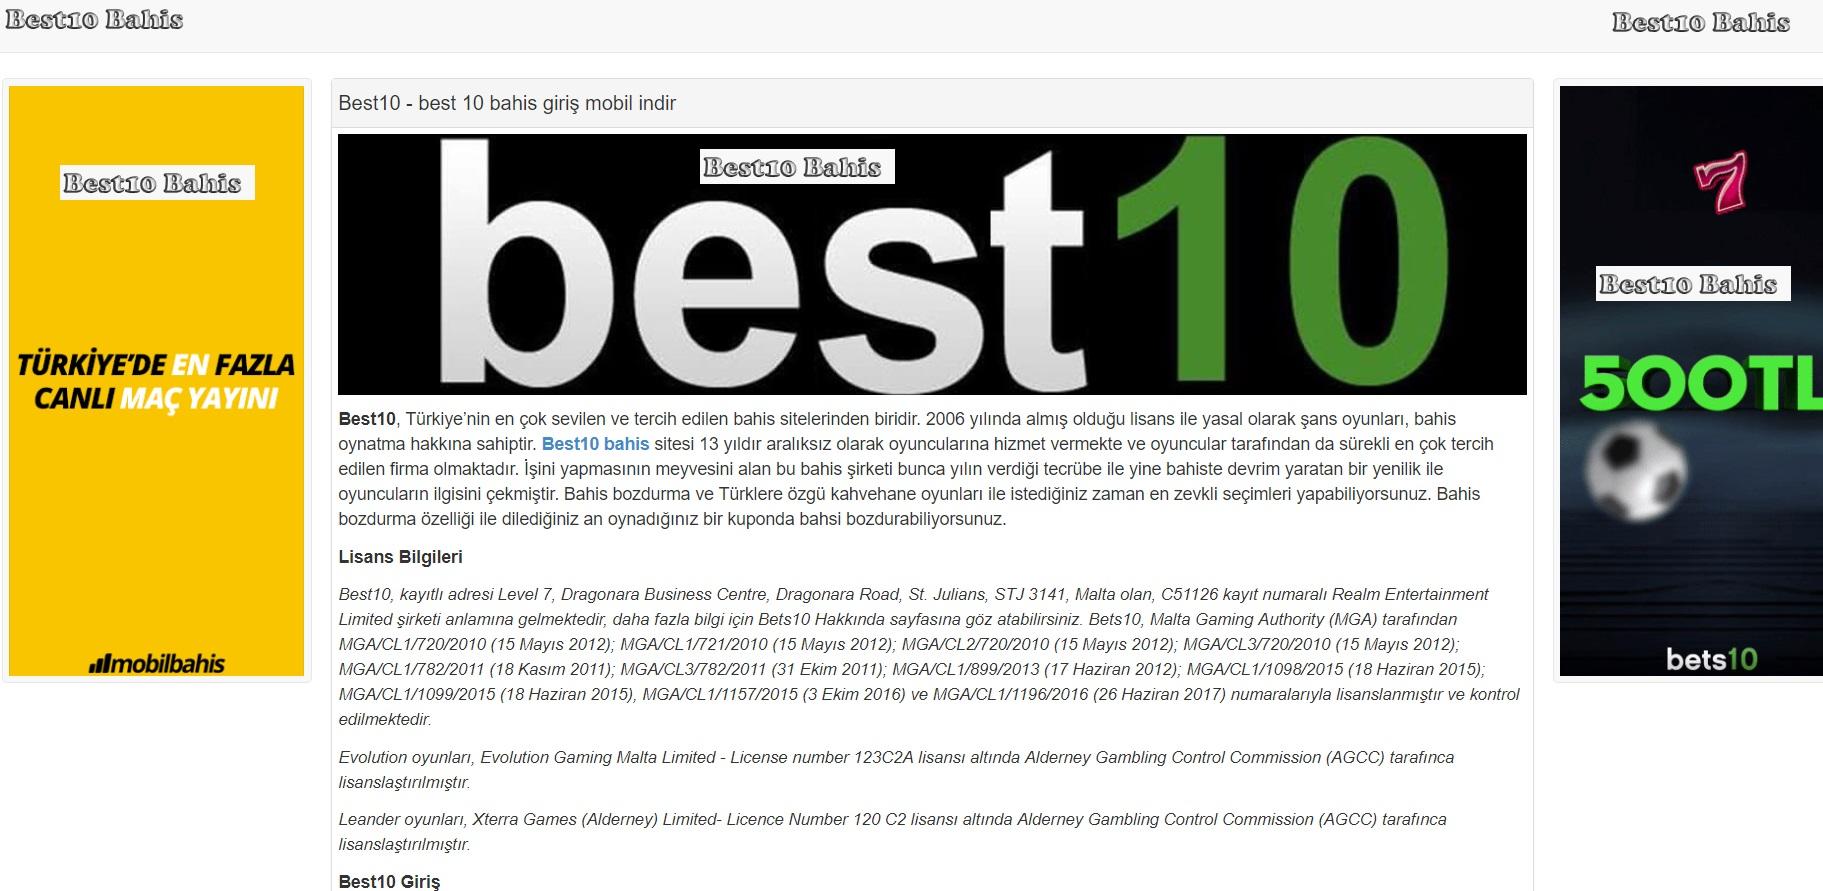 best10 bahis mobil canlı sportsbook giriş